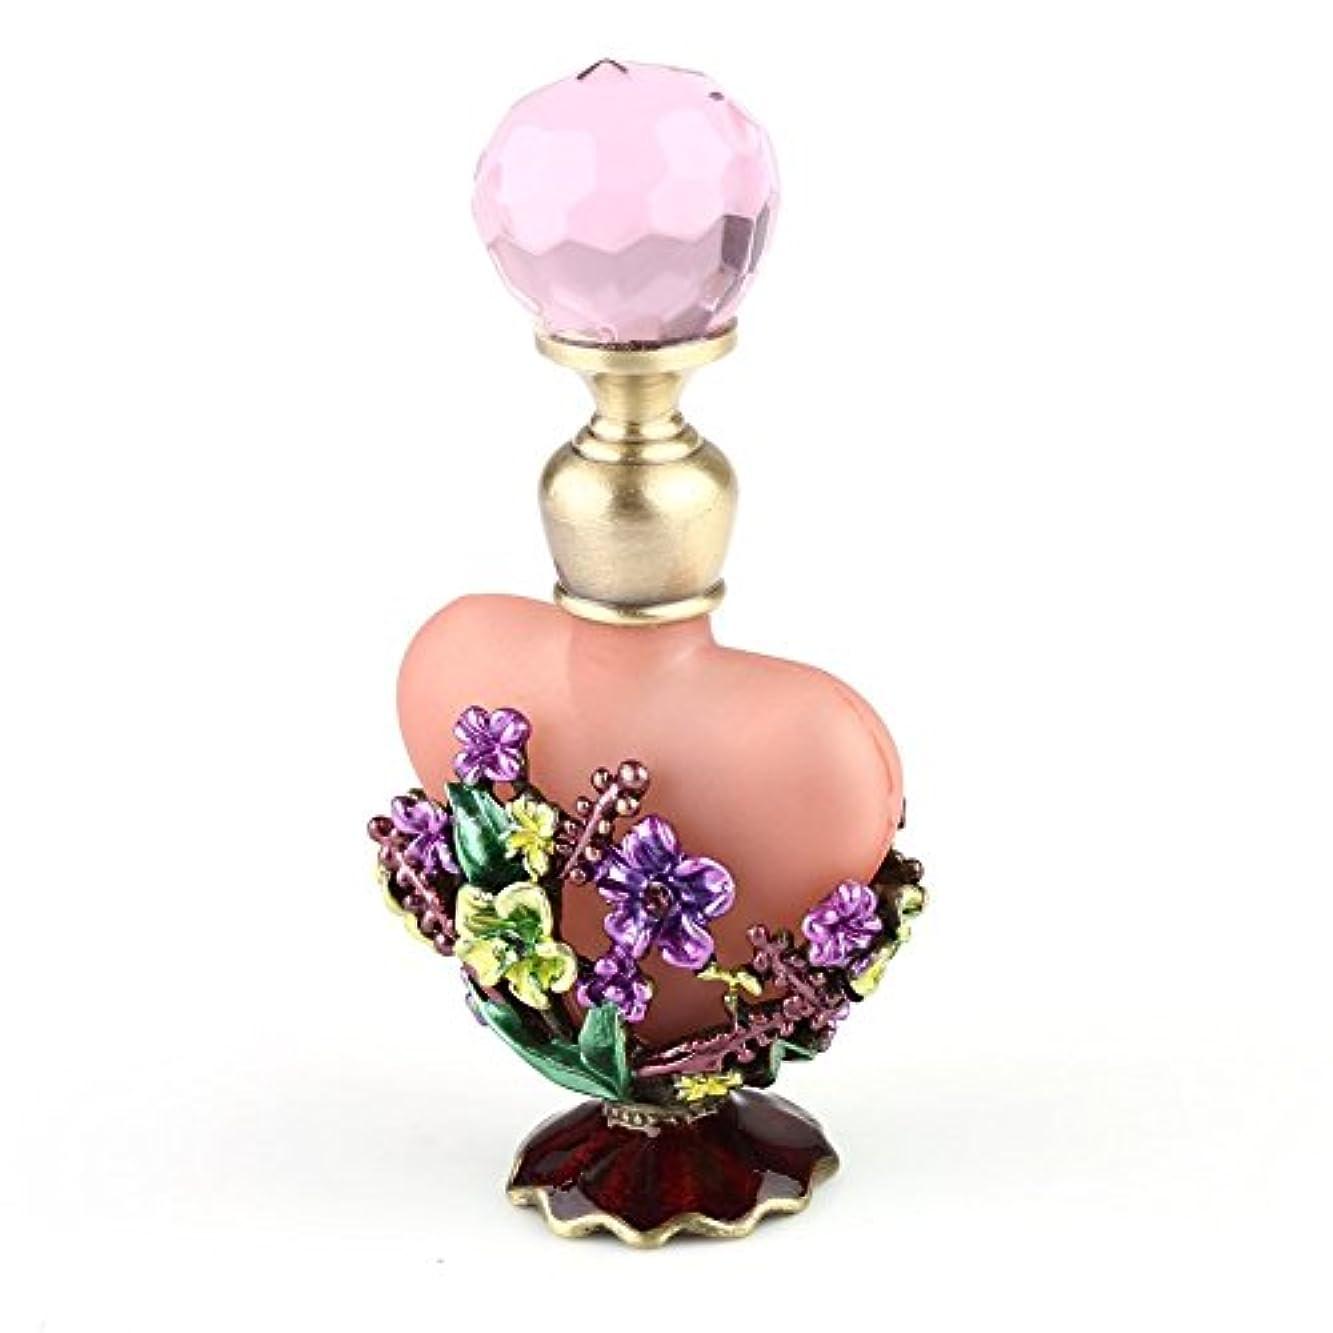 制限シチリアランドマークVERY100 高品質 美しい香水瓶/アロマボトル 5ML ピンク アロマオイル用瓶 綺麗アンティーク調フラワーデザイン プレゼント 結婚式 飾り